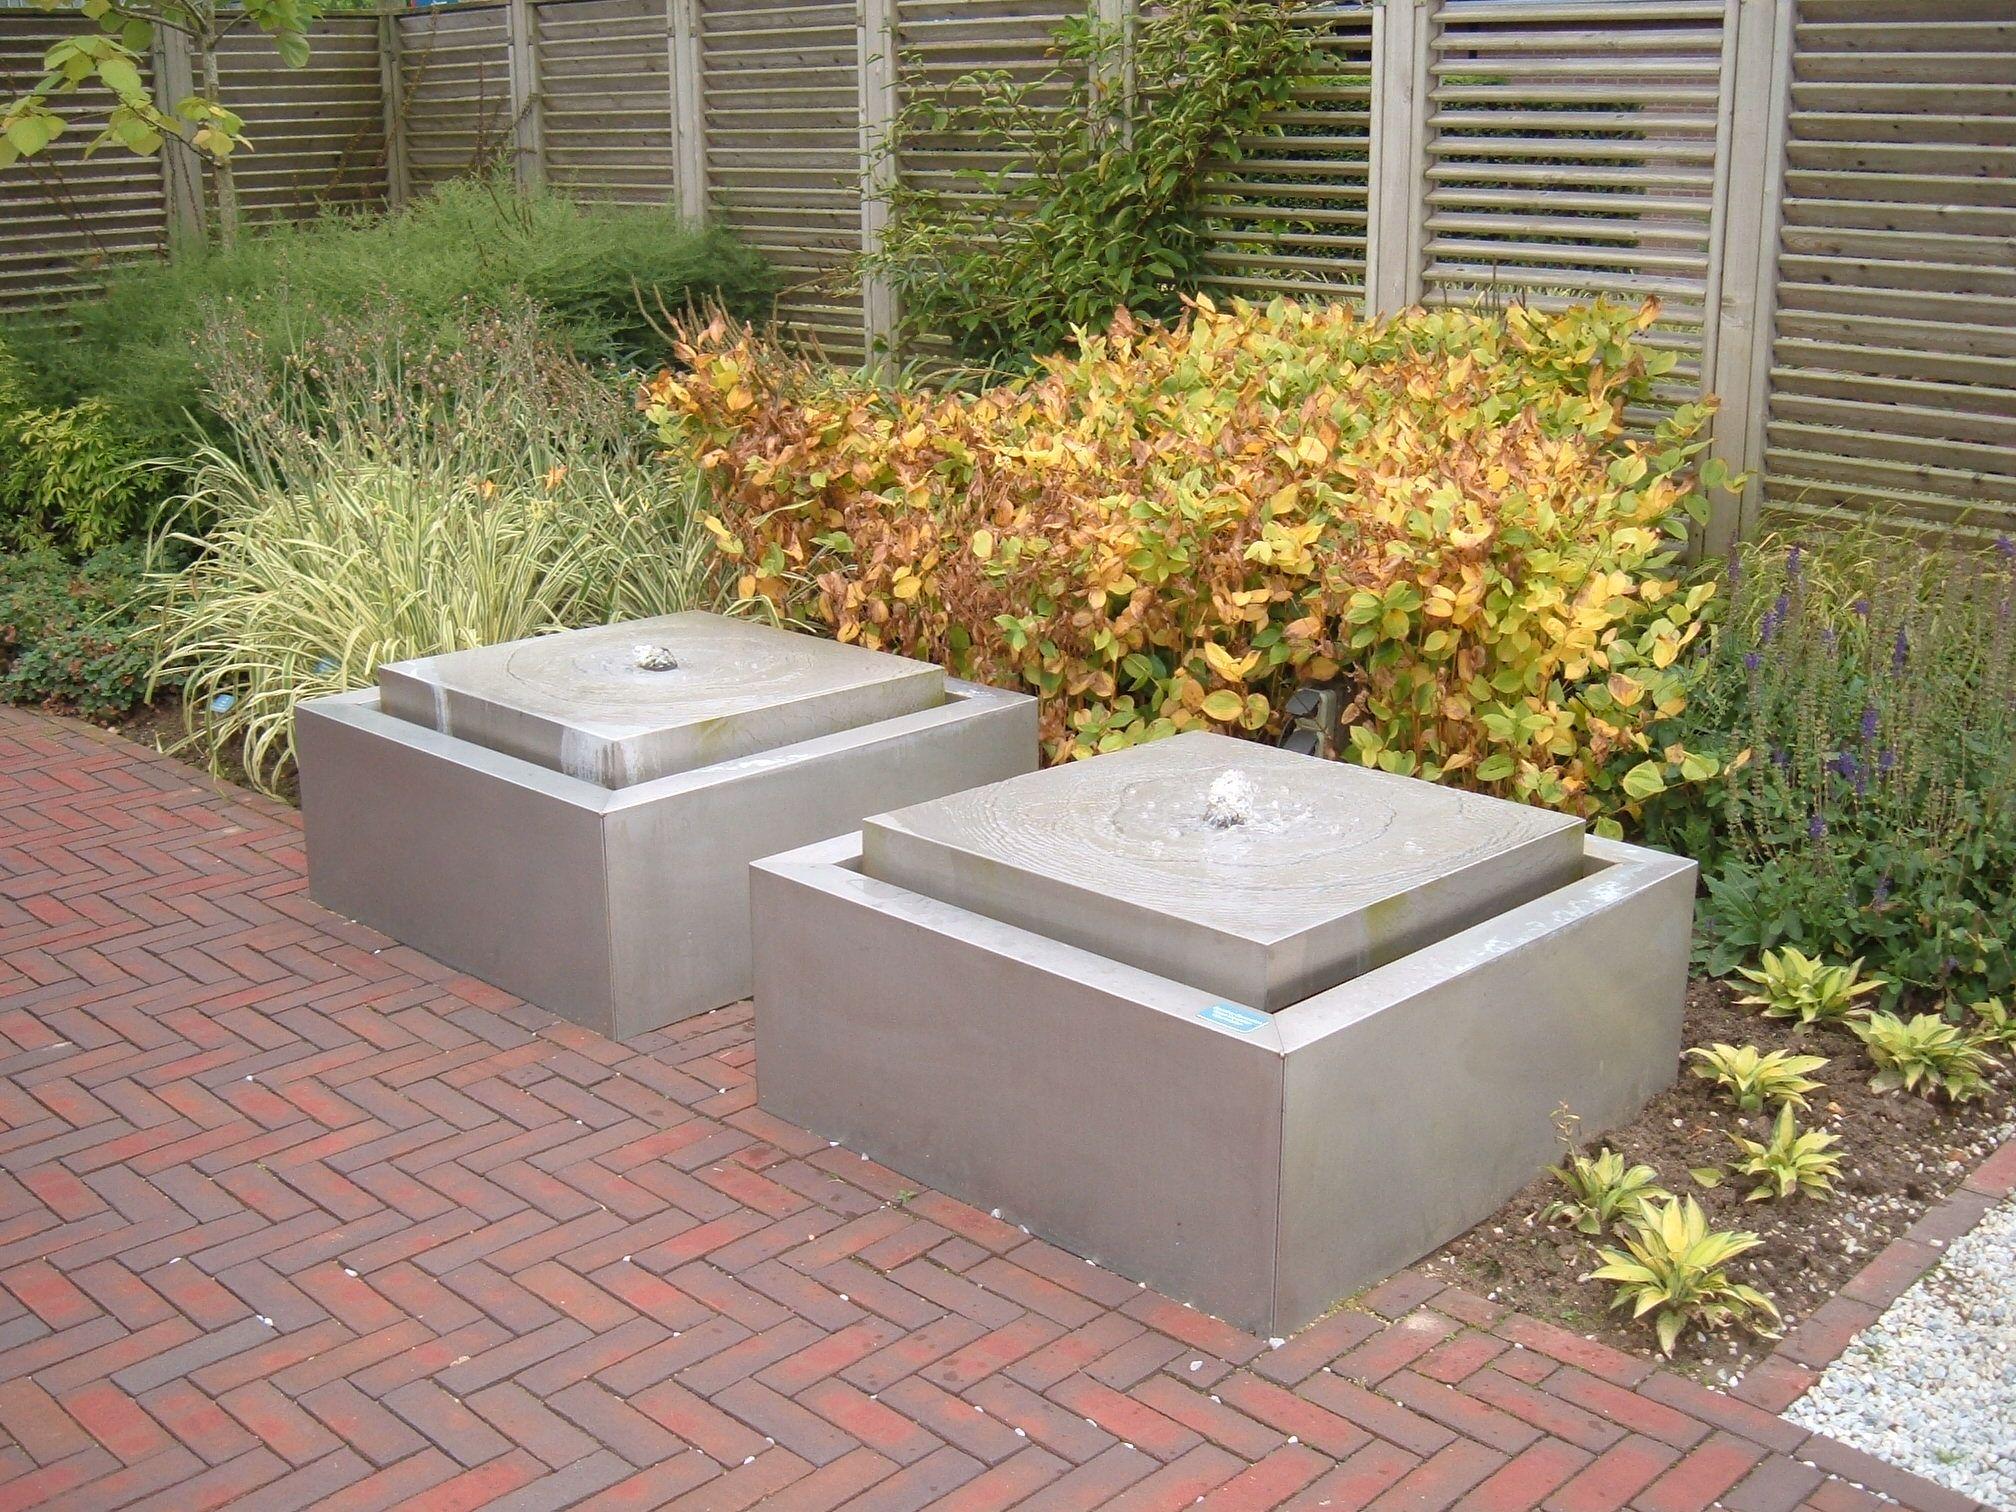 Rvs watertafel water in de tuin pinterest rvs water en tuin - Bassin tuin ontwerp ...